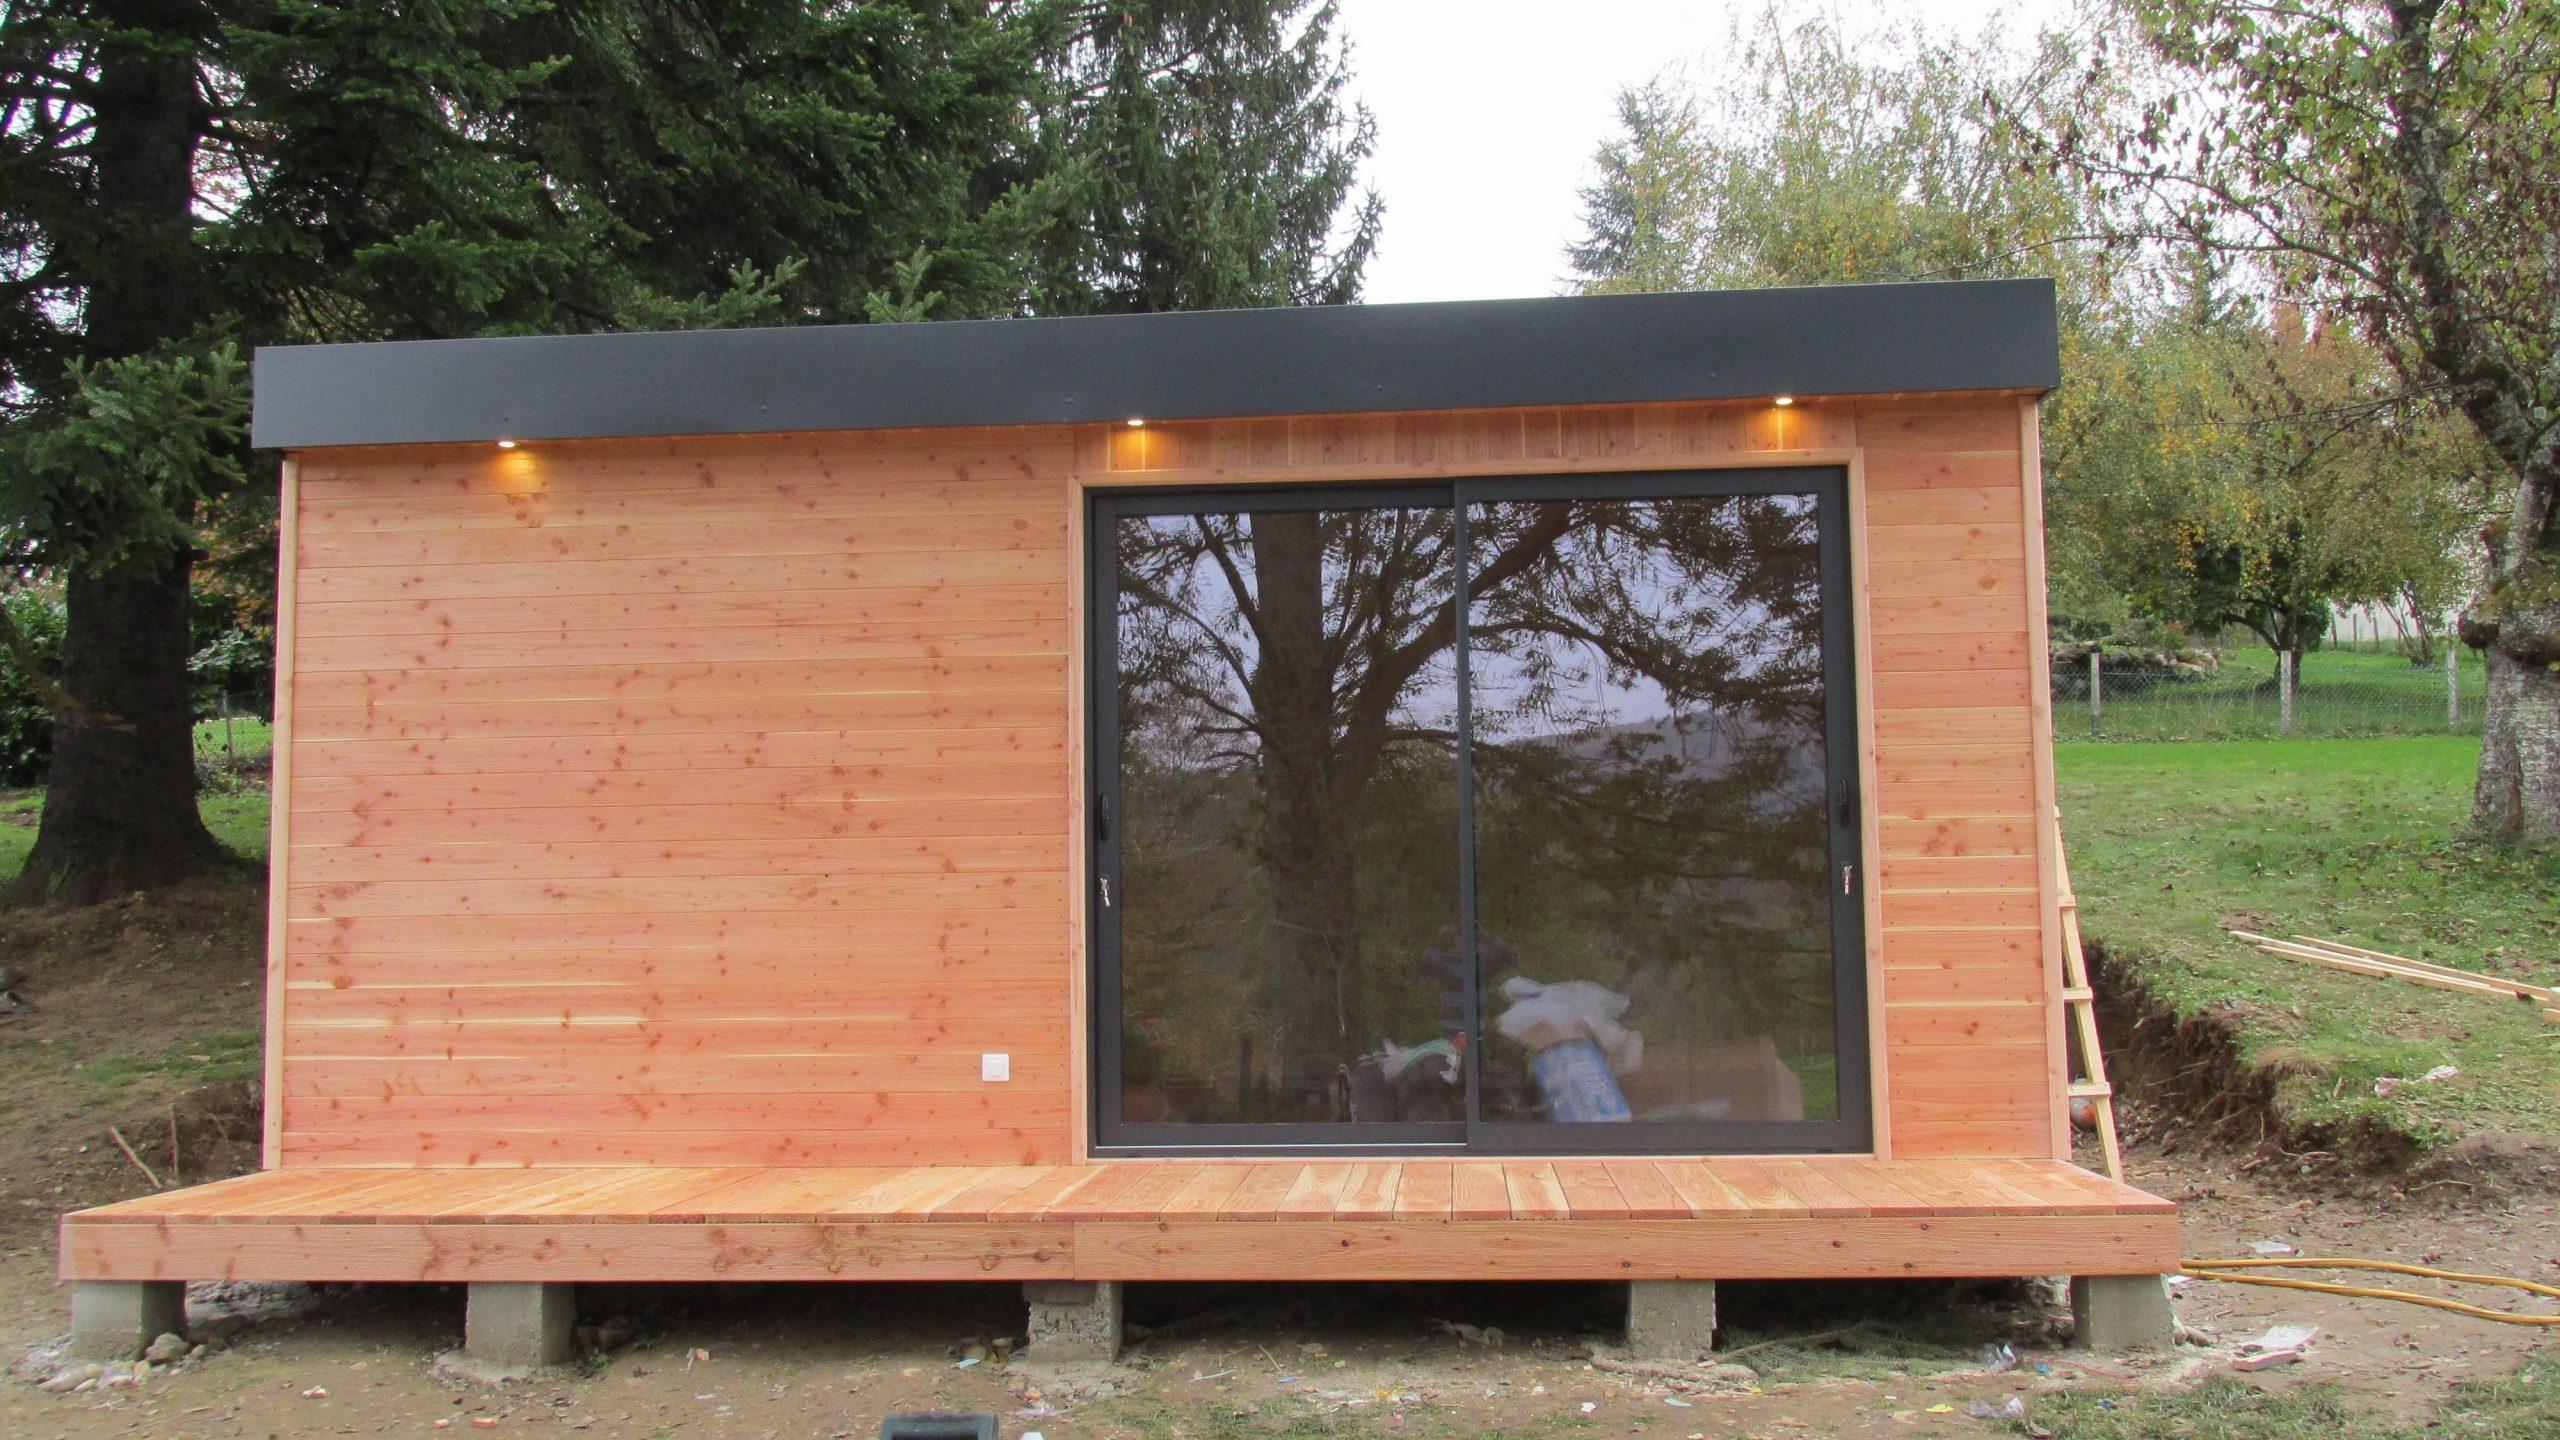 Maison Bois En Kit Pologne - Le Meilleur Des Maisons Bois En ... pour Bureau De Jardin En Kit